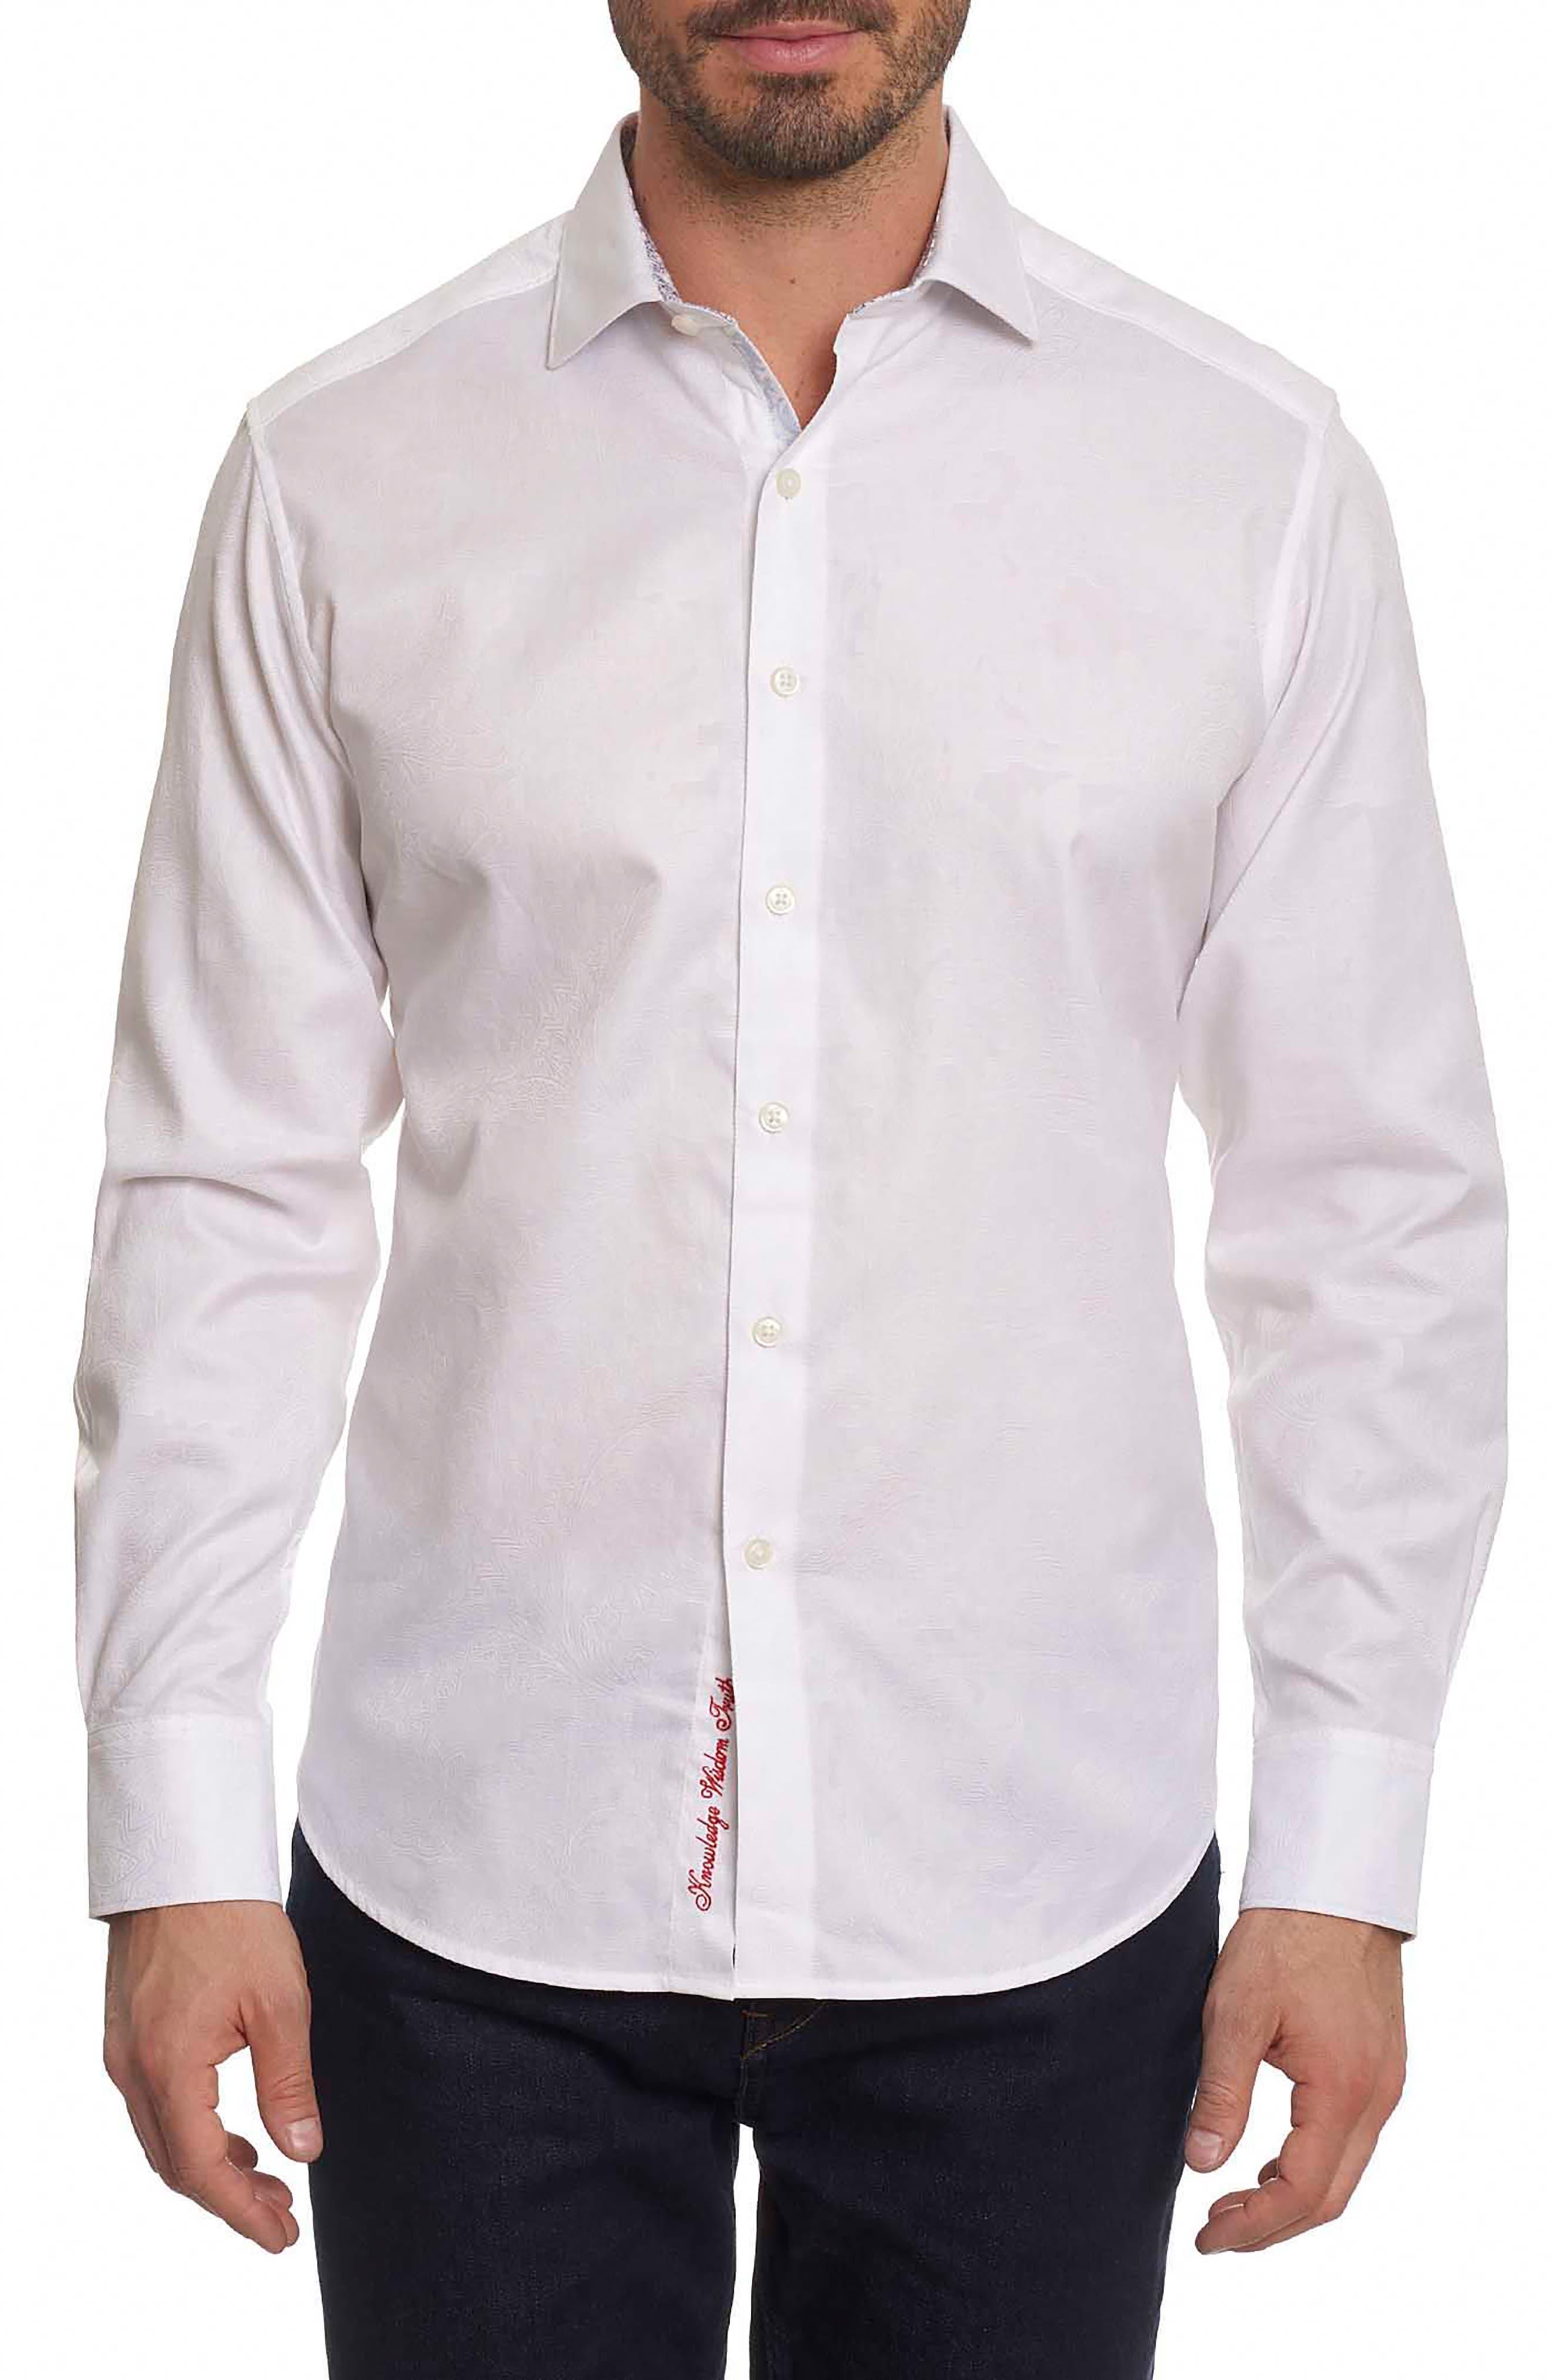 Rosendale Classic Fit Jacquard Sport Shirt,                             Main thumbnail 1, color,                             White